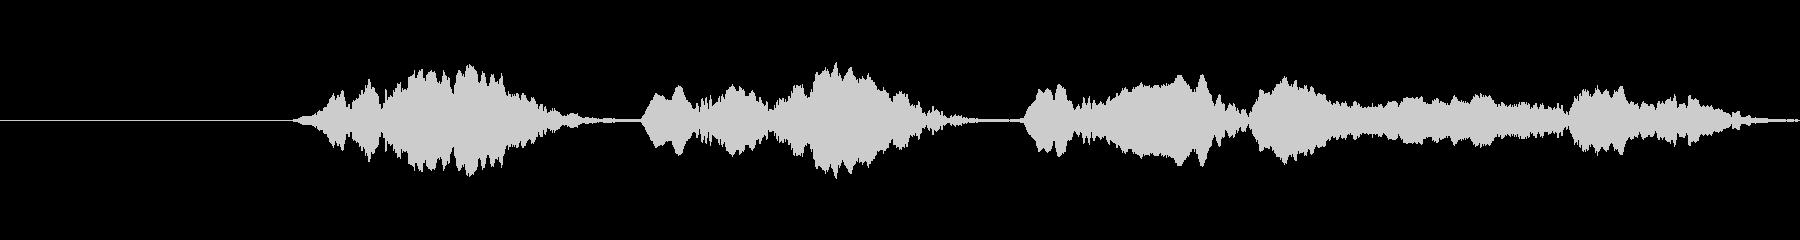 オオカミのhist、大声でX4の未再生の波形